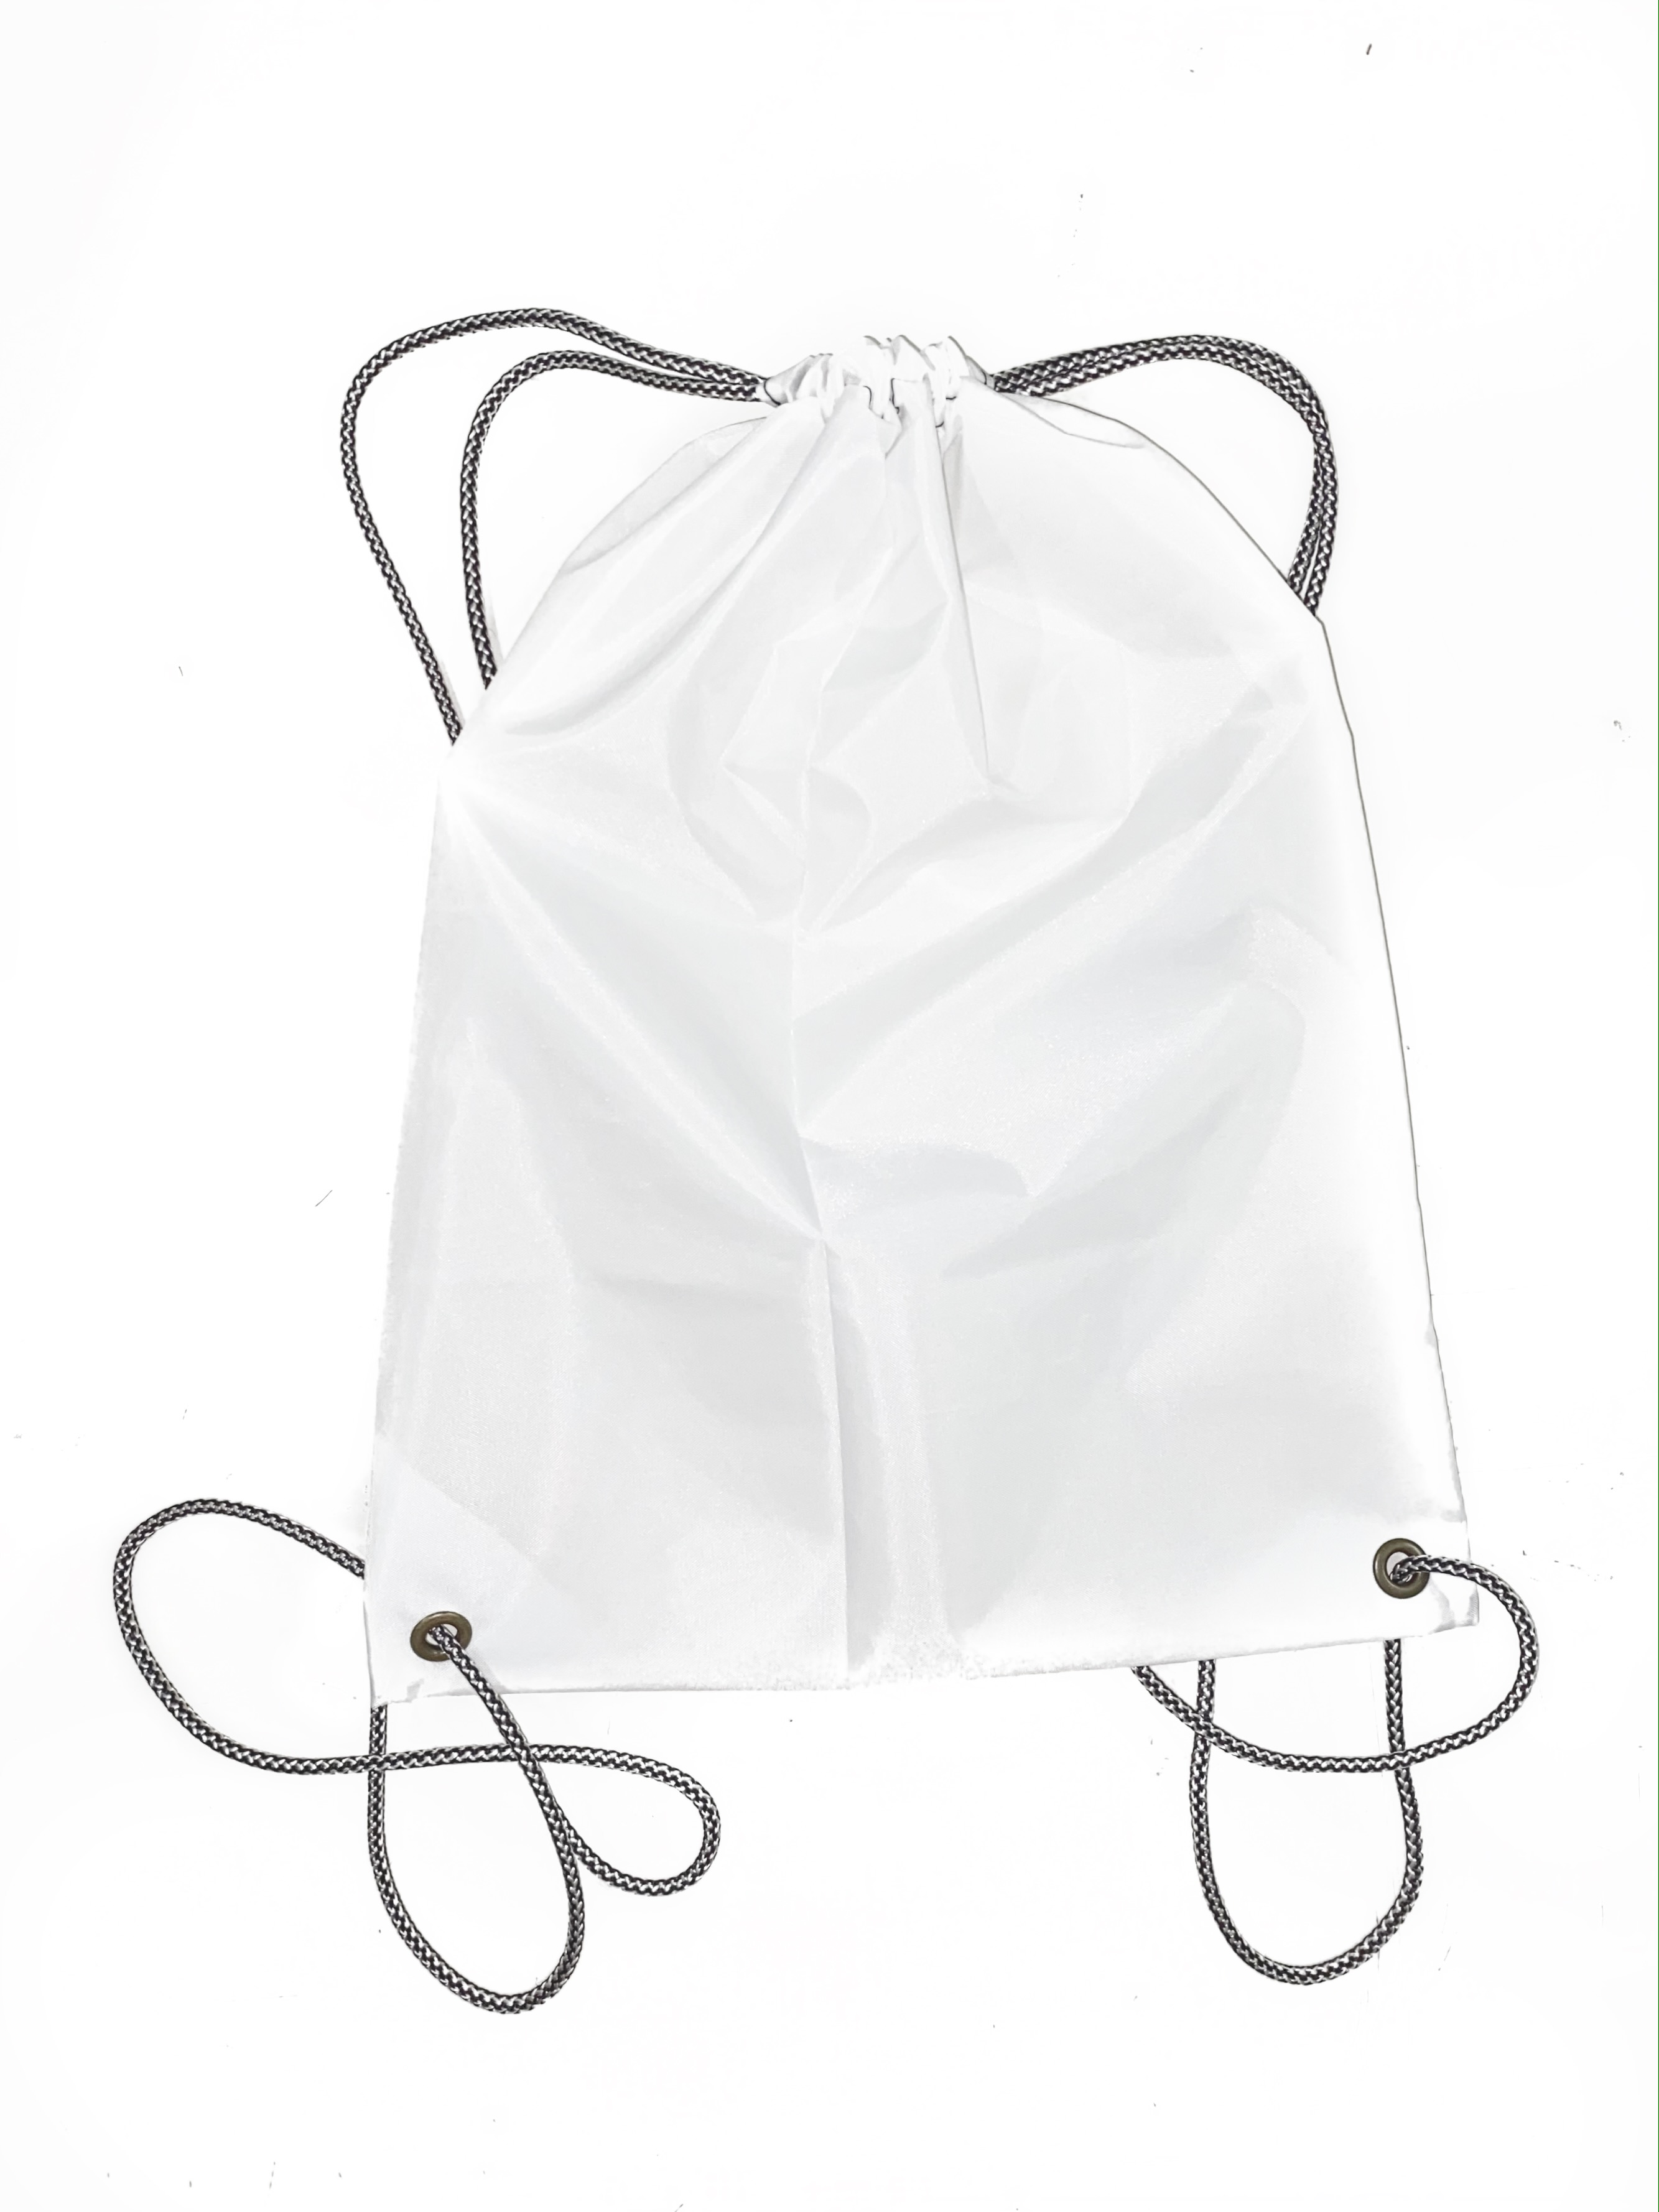 Sacolinha mochila de nylon